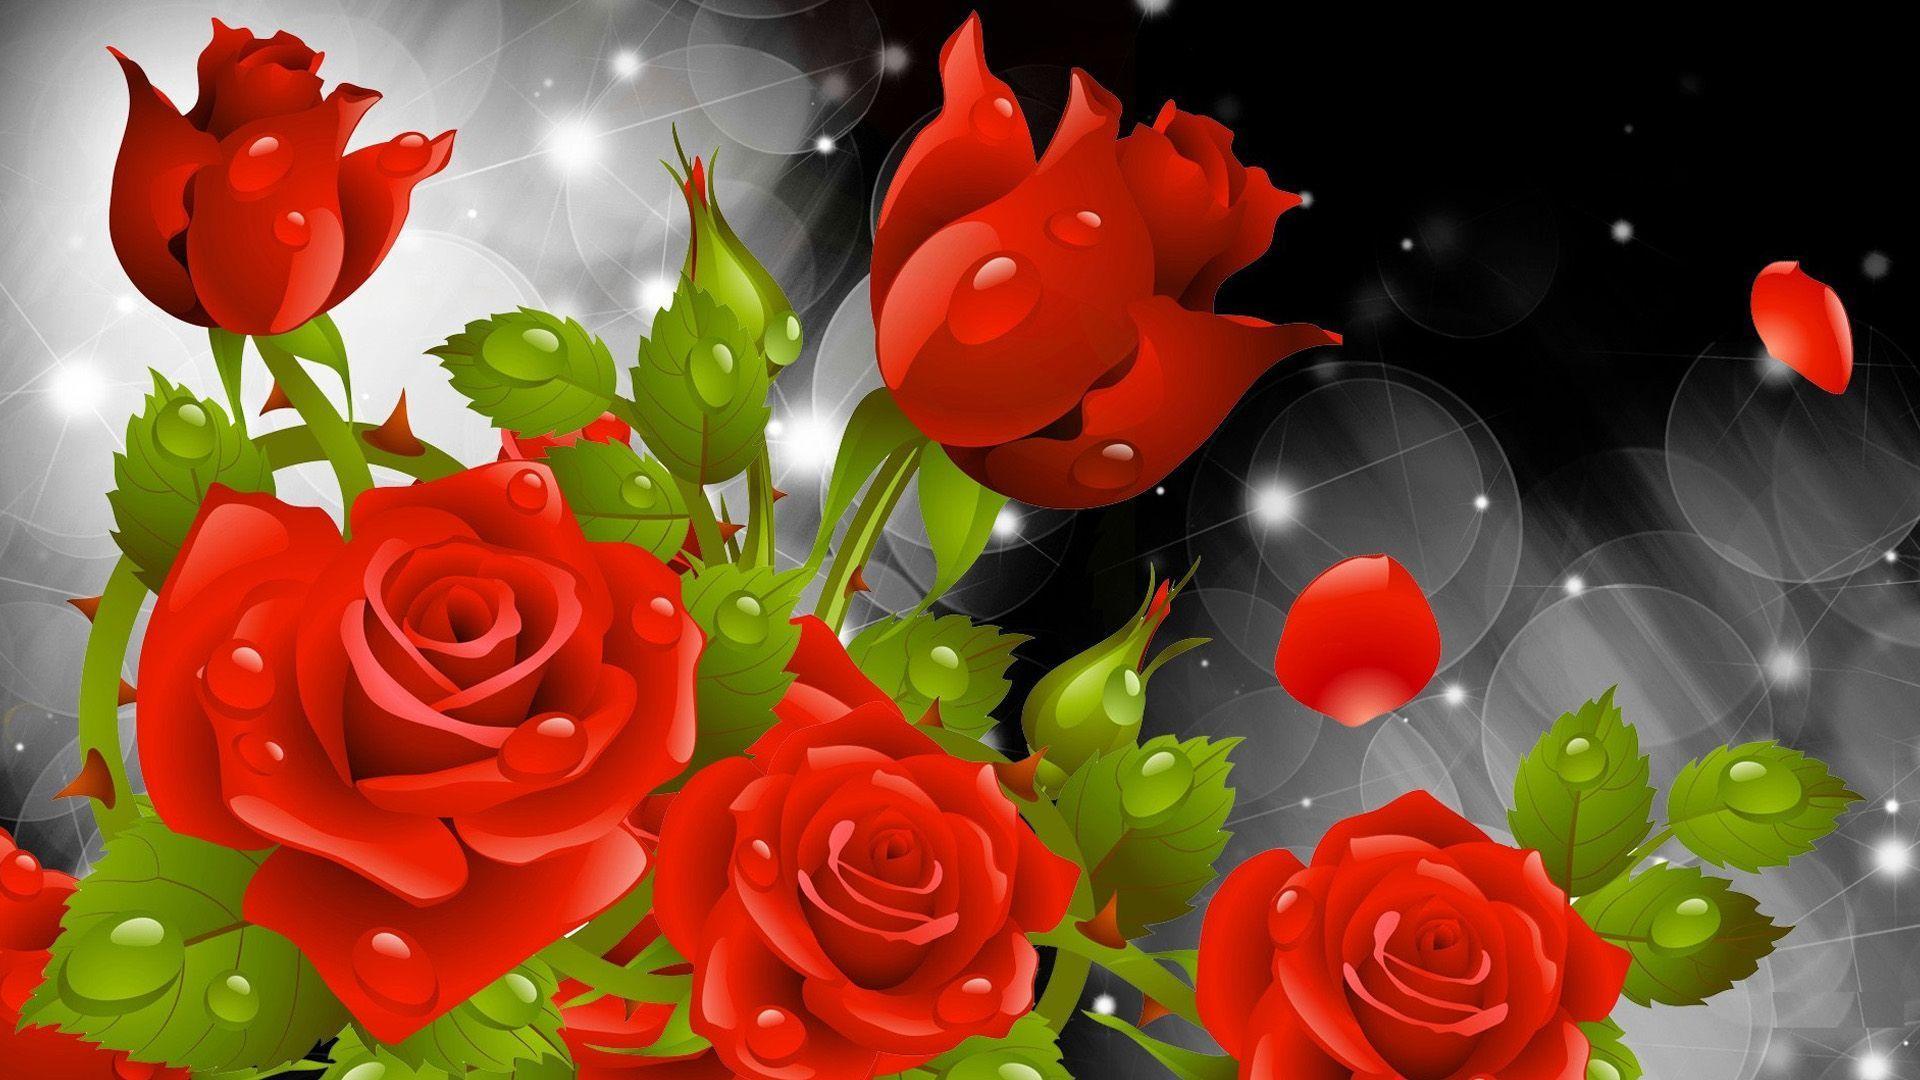 Rose Flowers Hd Wallpapers Top Free Rose Flowers Hd